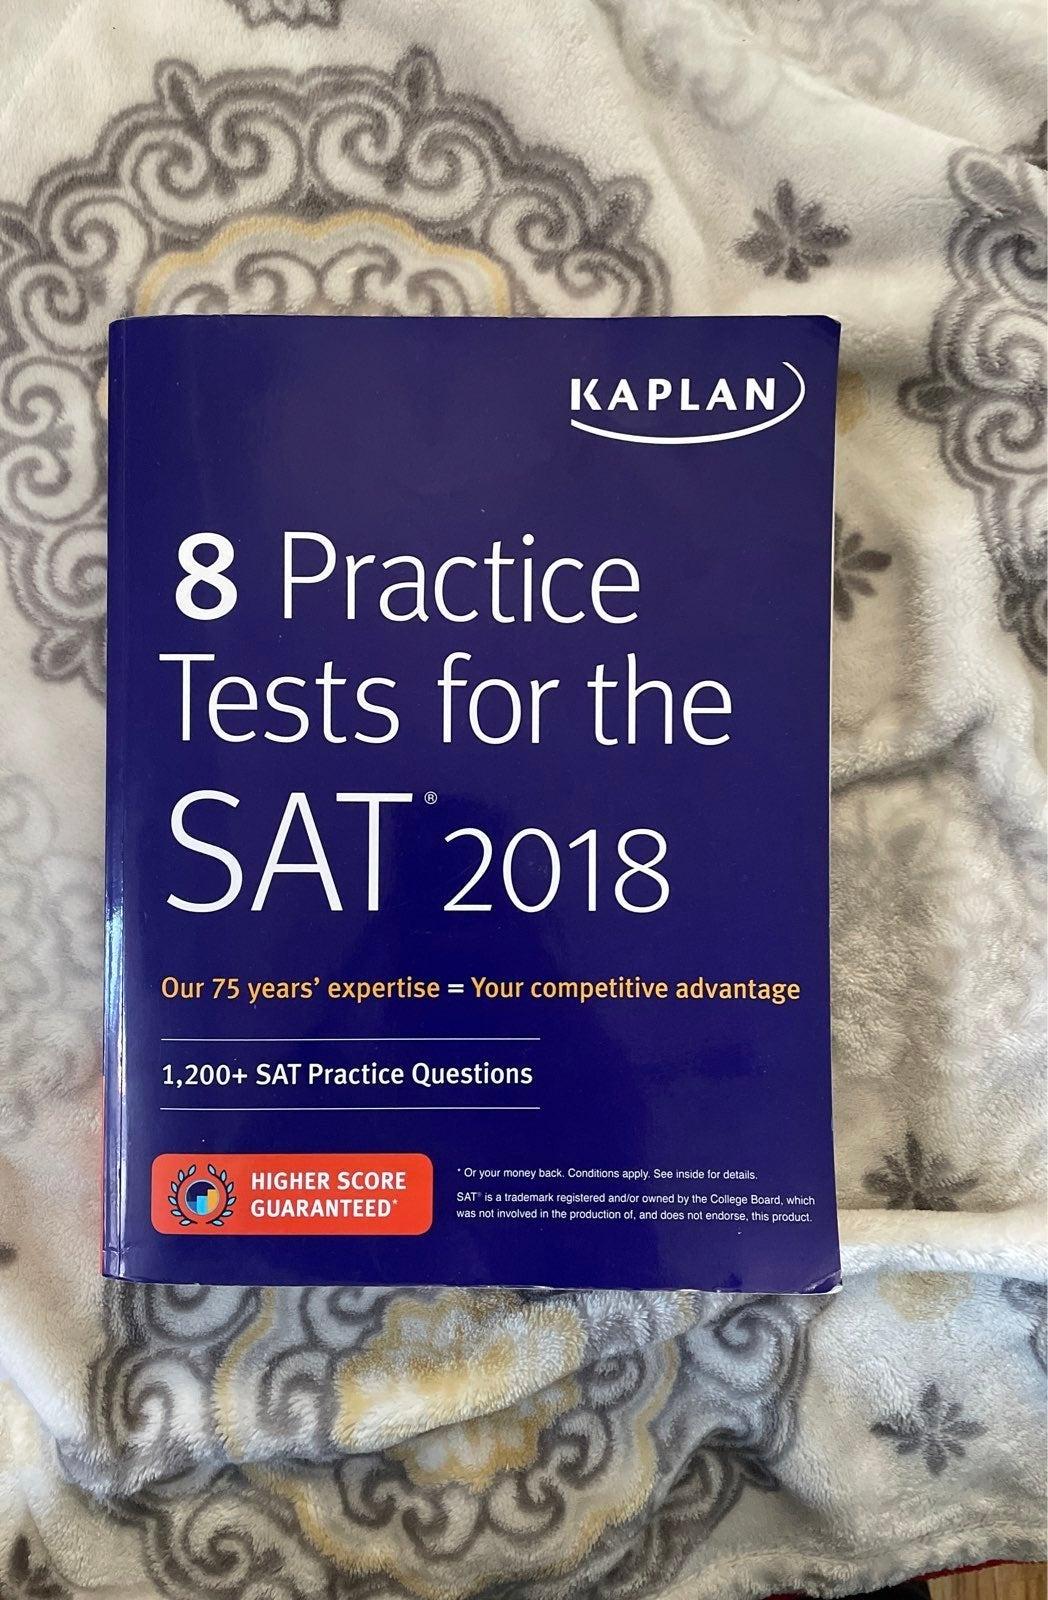 2018 Kaplan 8 Practice Tests for SAT